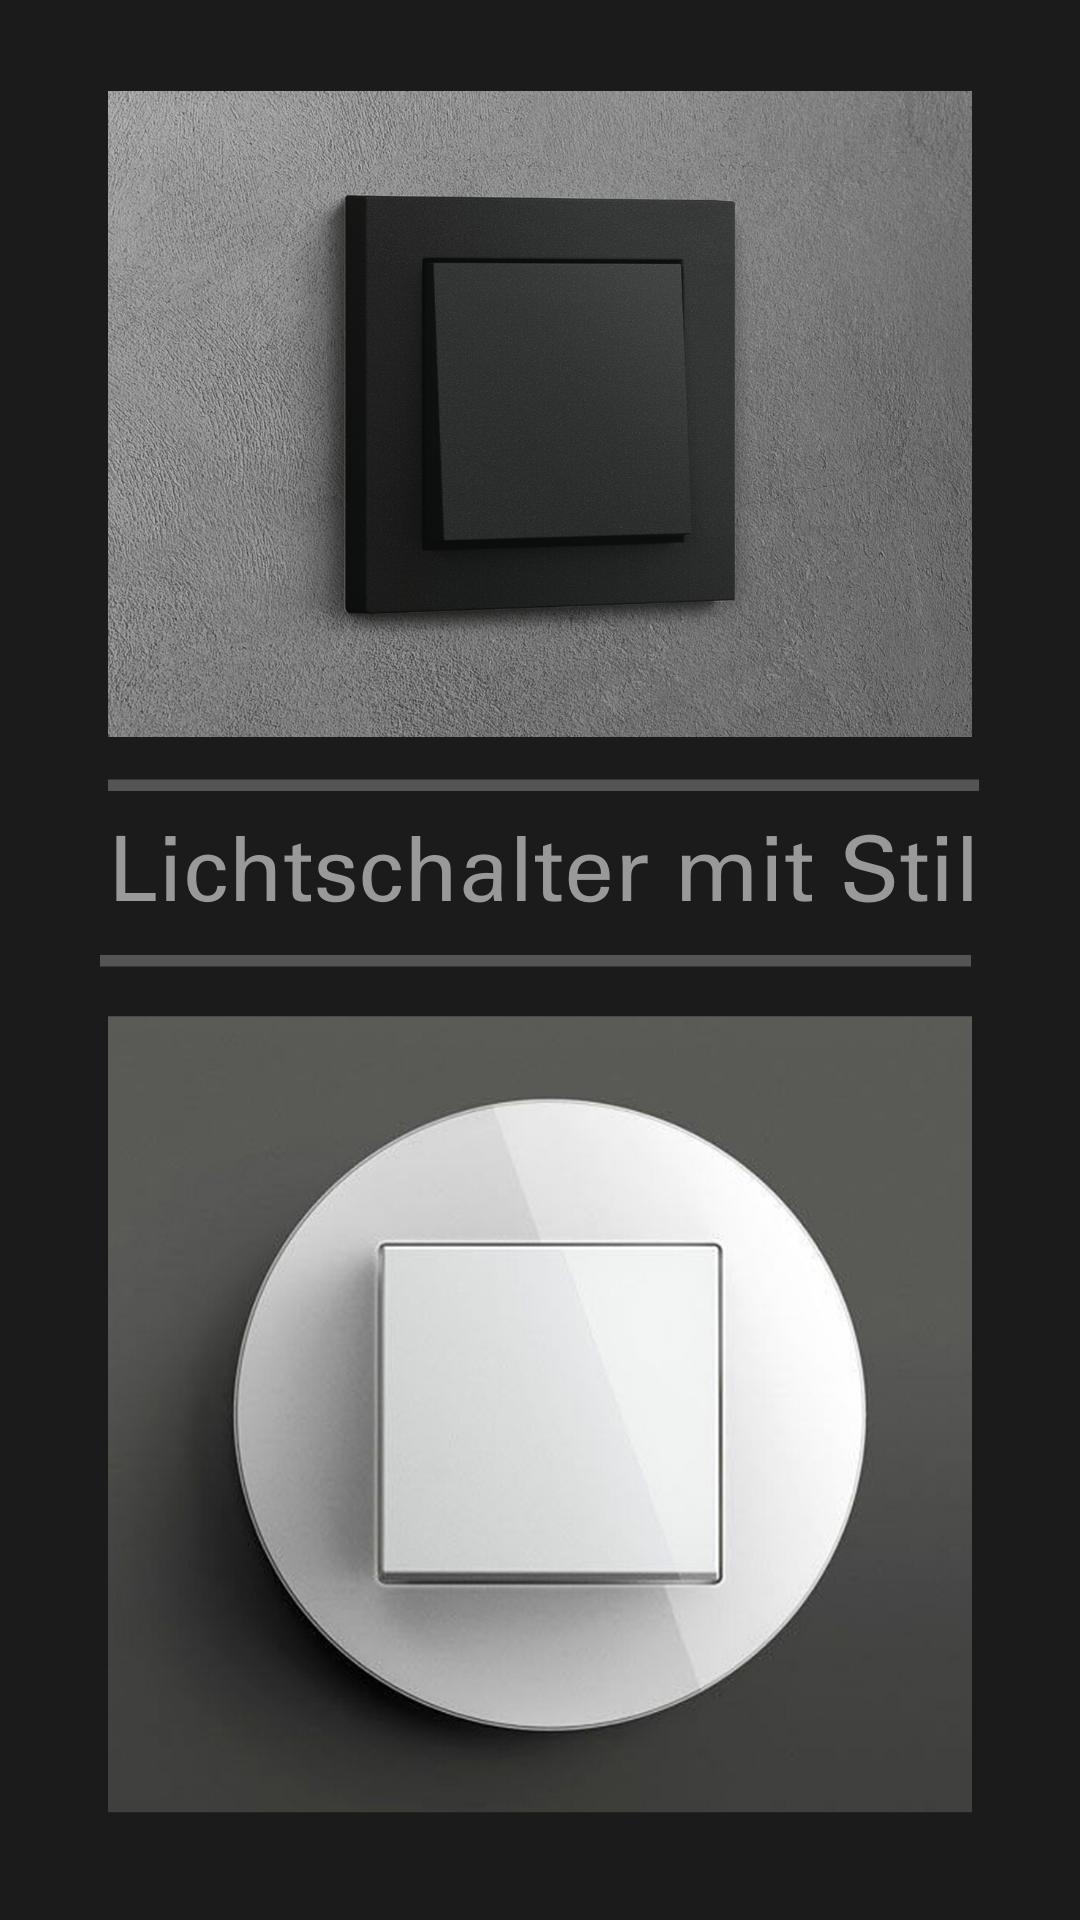 Design Lichtschalter In 2020 Lichtschalter Steckdosen Und Lichtschalter Schalterprogramm